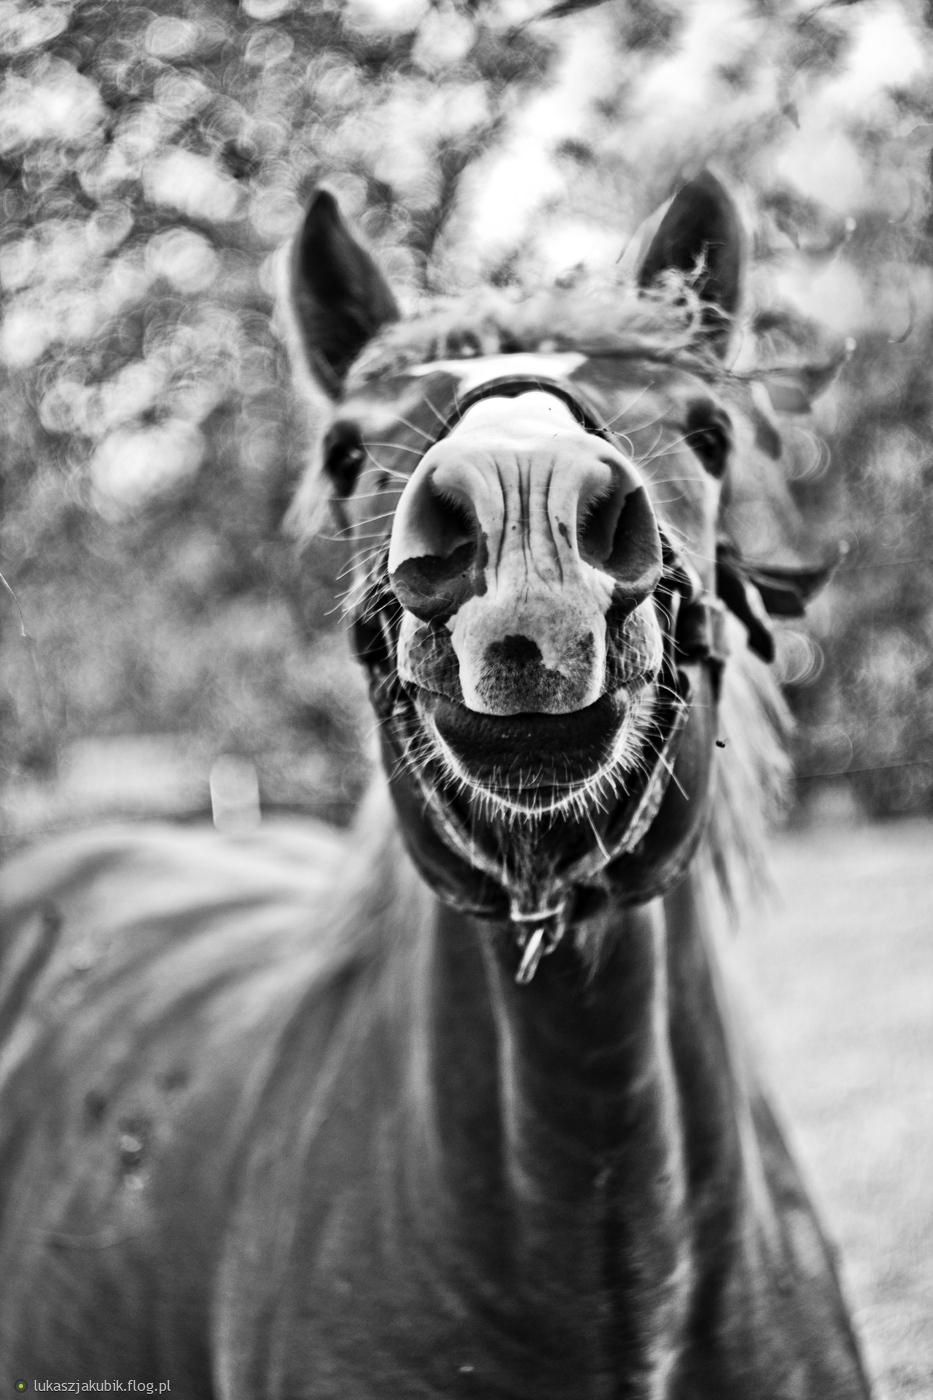 http://s3.flog.pl/media/foto/5475456_no-helol-wrocilem-na-przywitanie-macie-nochal-konia-i-jego-usmiech-xd.jpg